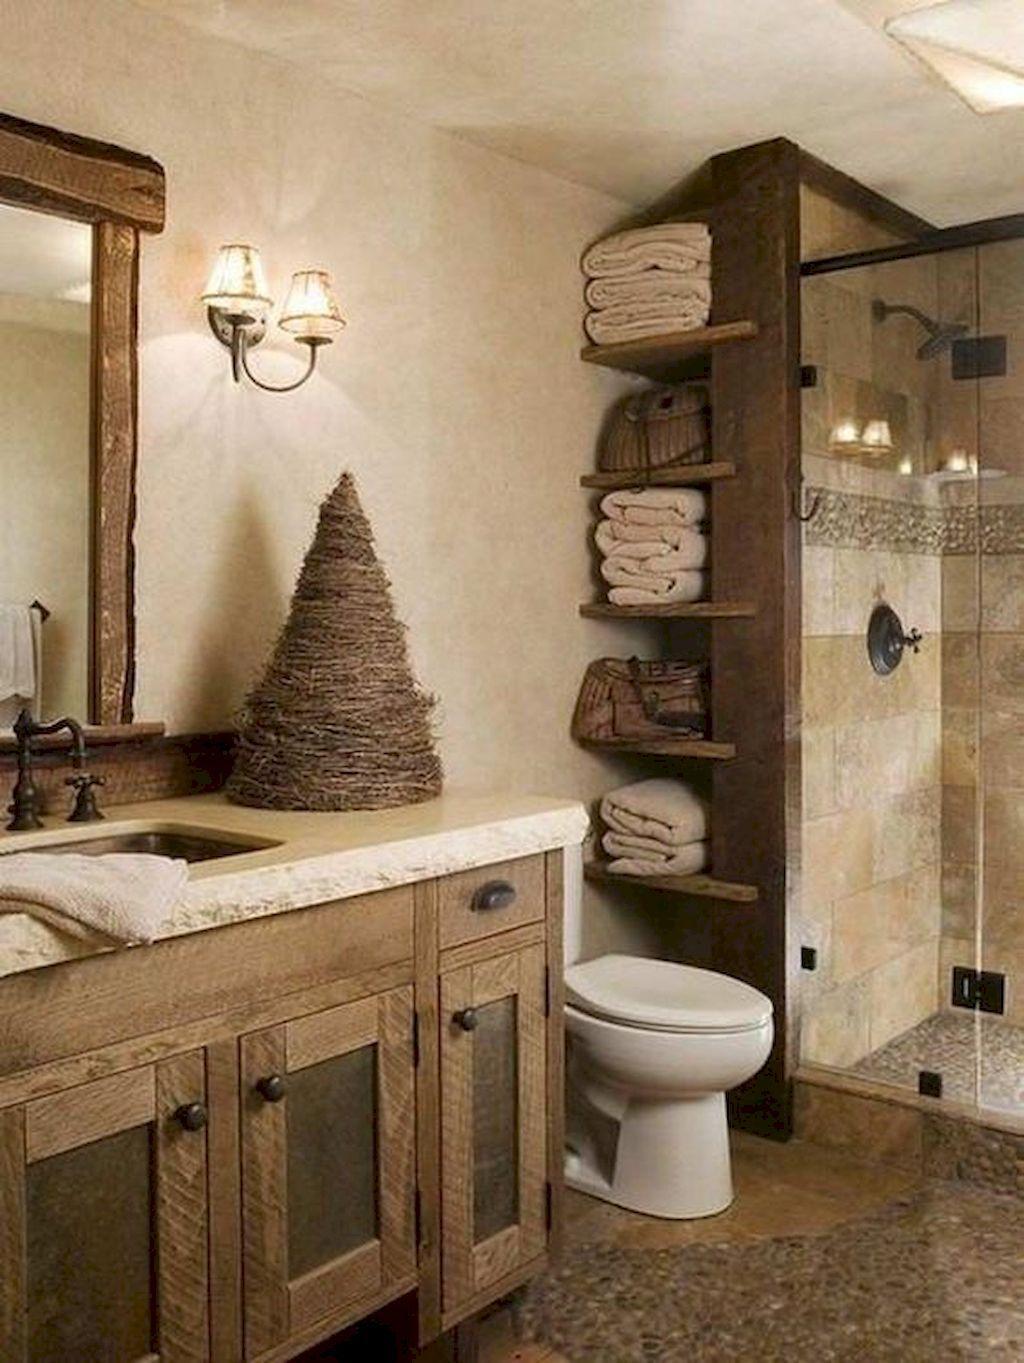 50 Stunning Farmhouse Bathroom Remodel Ideas On A Budget Rustic Bathrooms Rustic Modern Bathroom Small Rustic Bathrooms